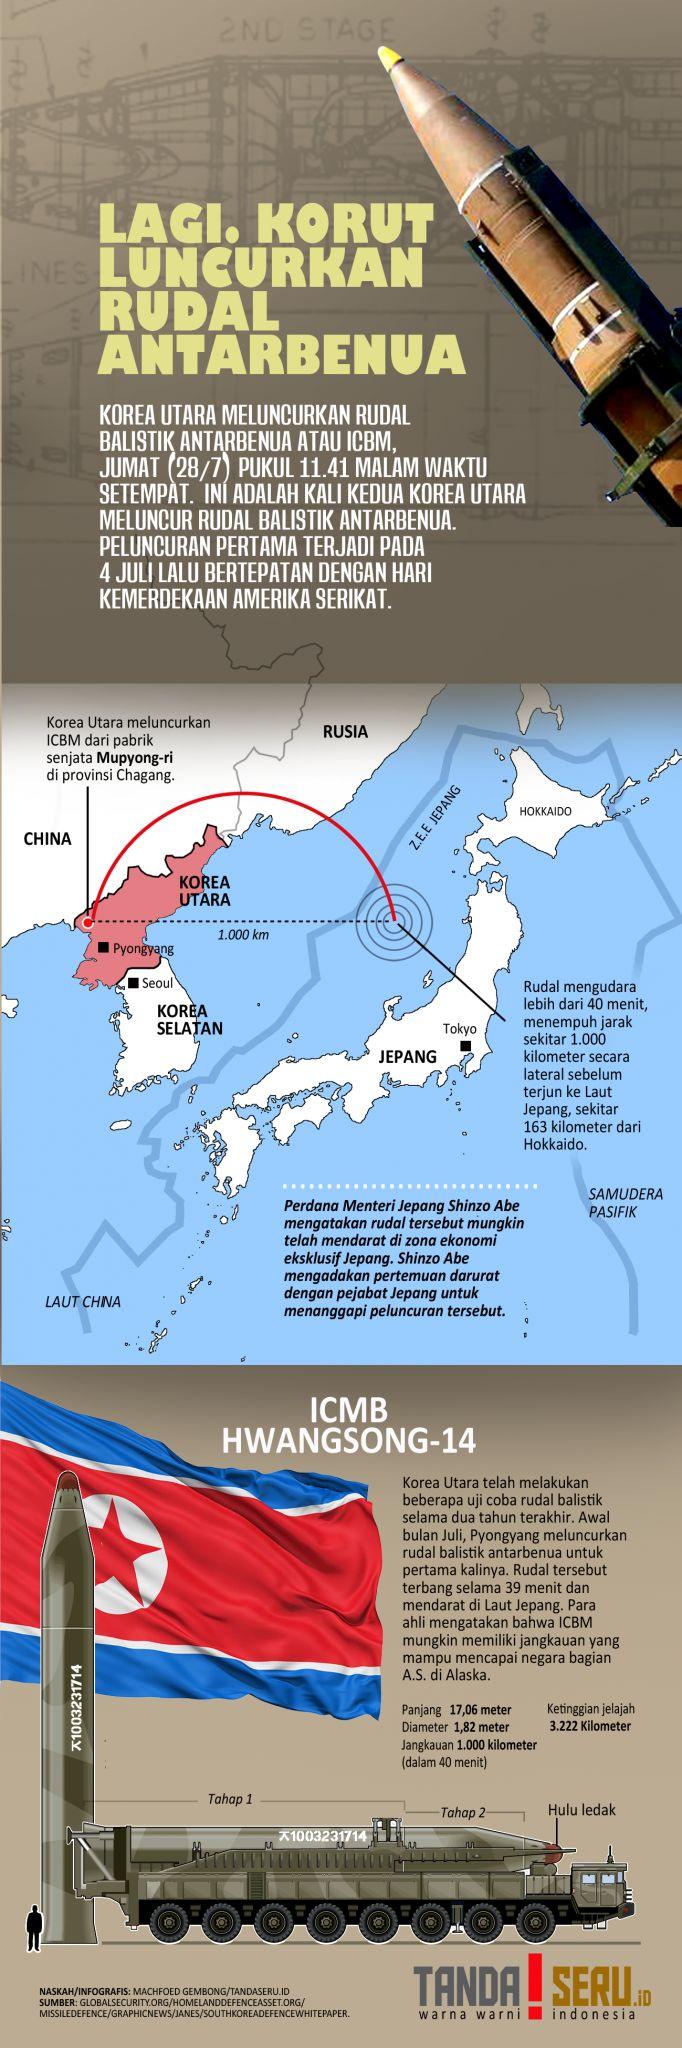 Korea Utara kembali Meluncurkan Rudal Balistik Antarbenua